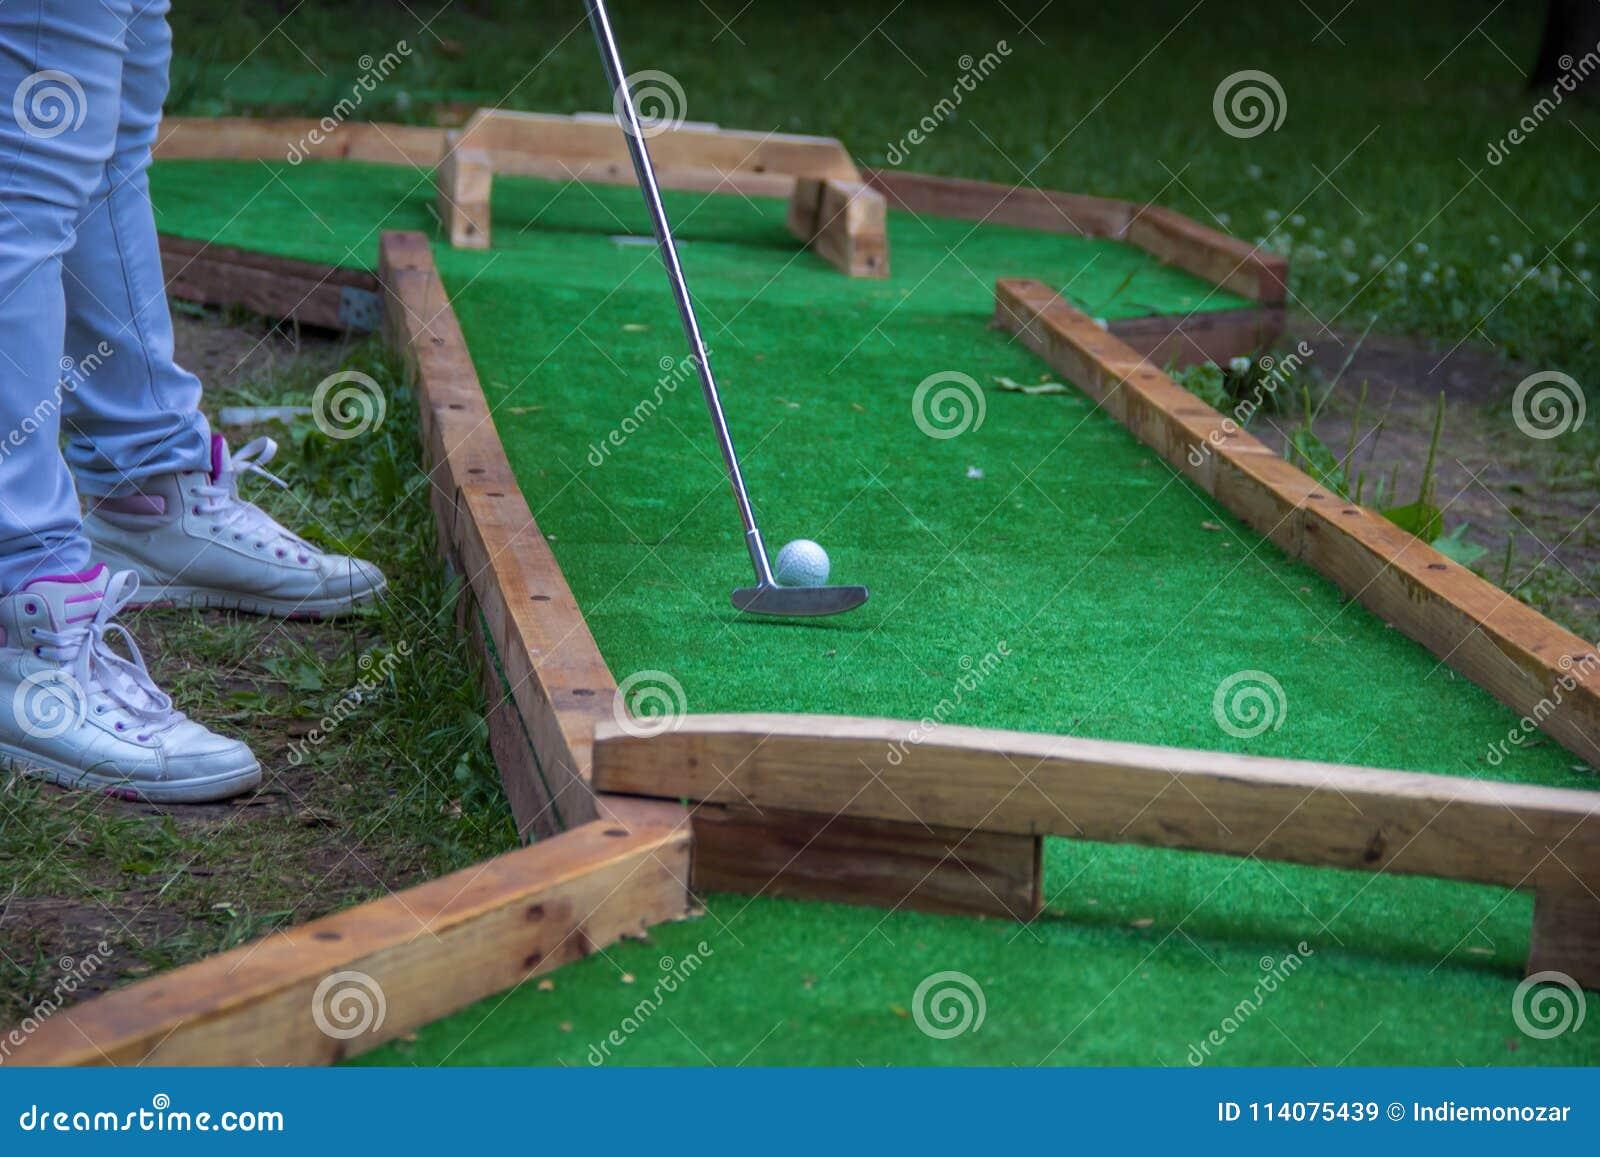 Pés da mulher, golfing no verde, mulher que põe a bola Tiro final, golfe